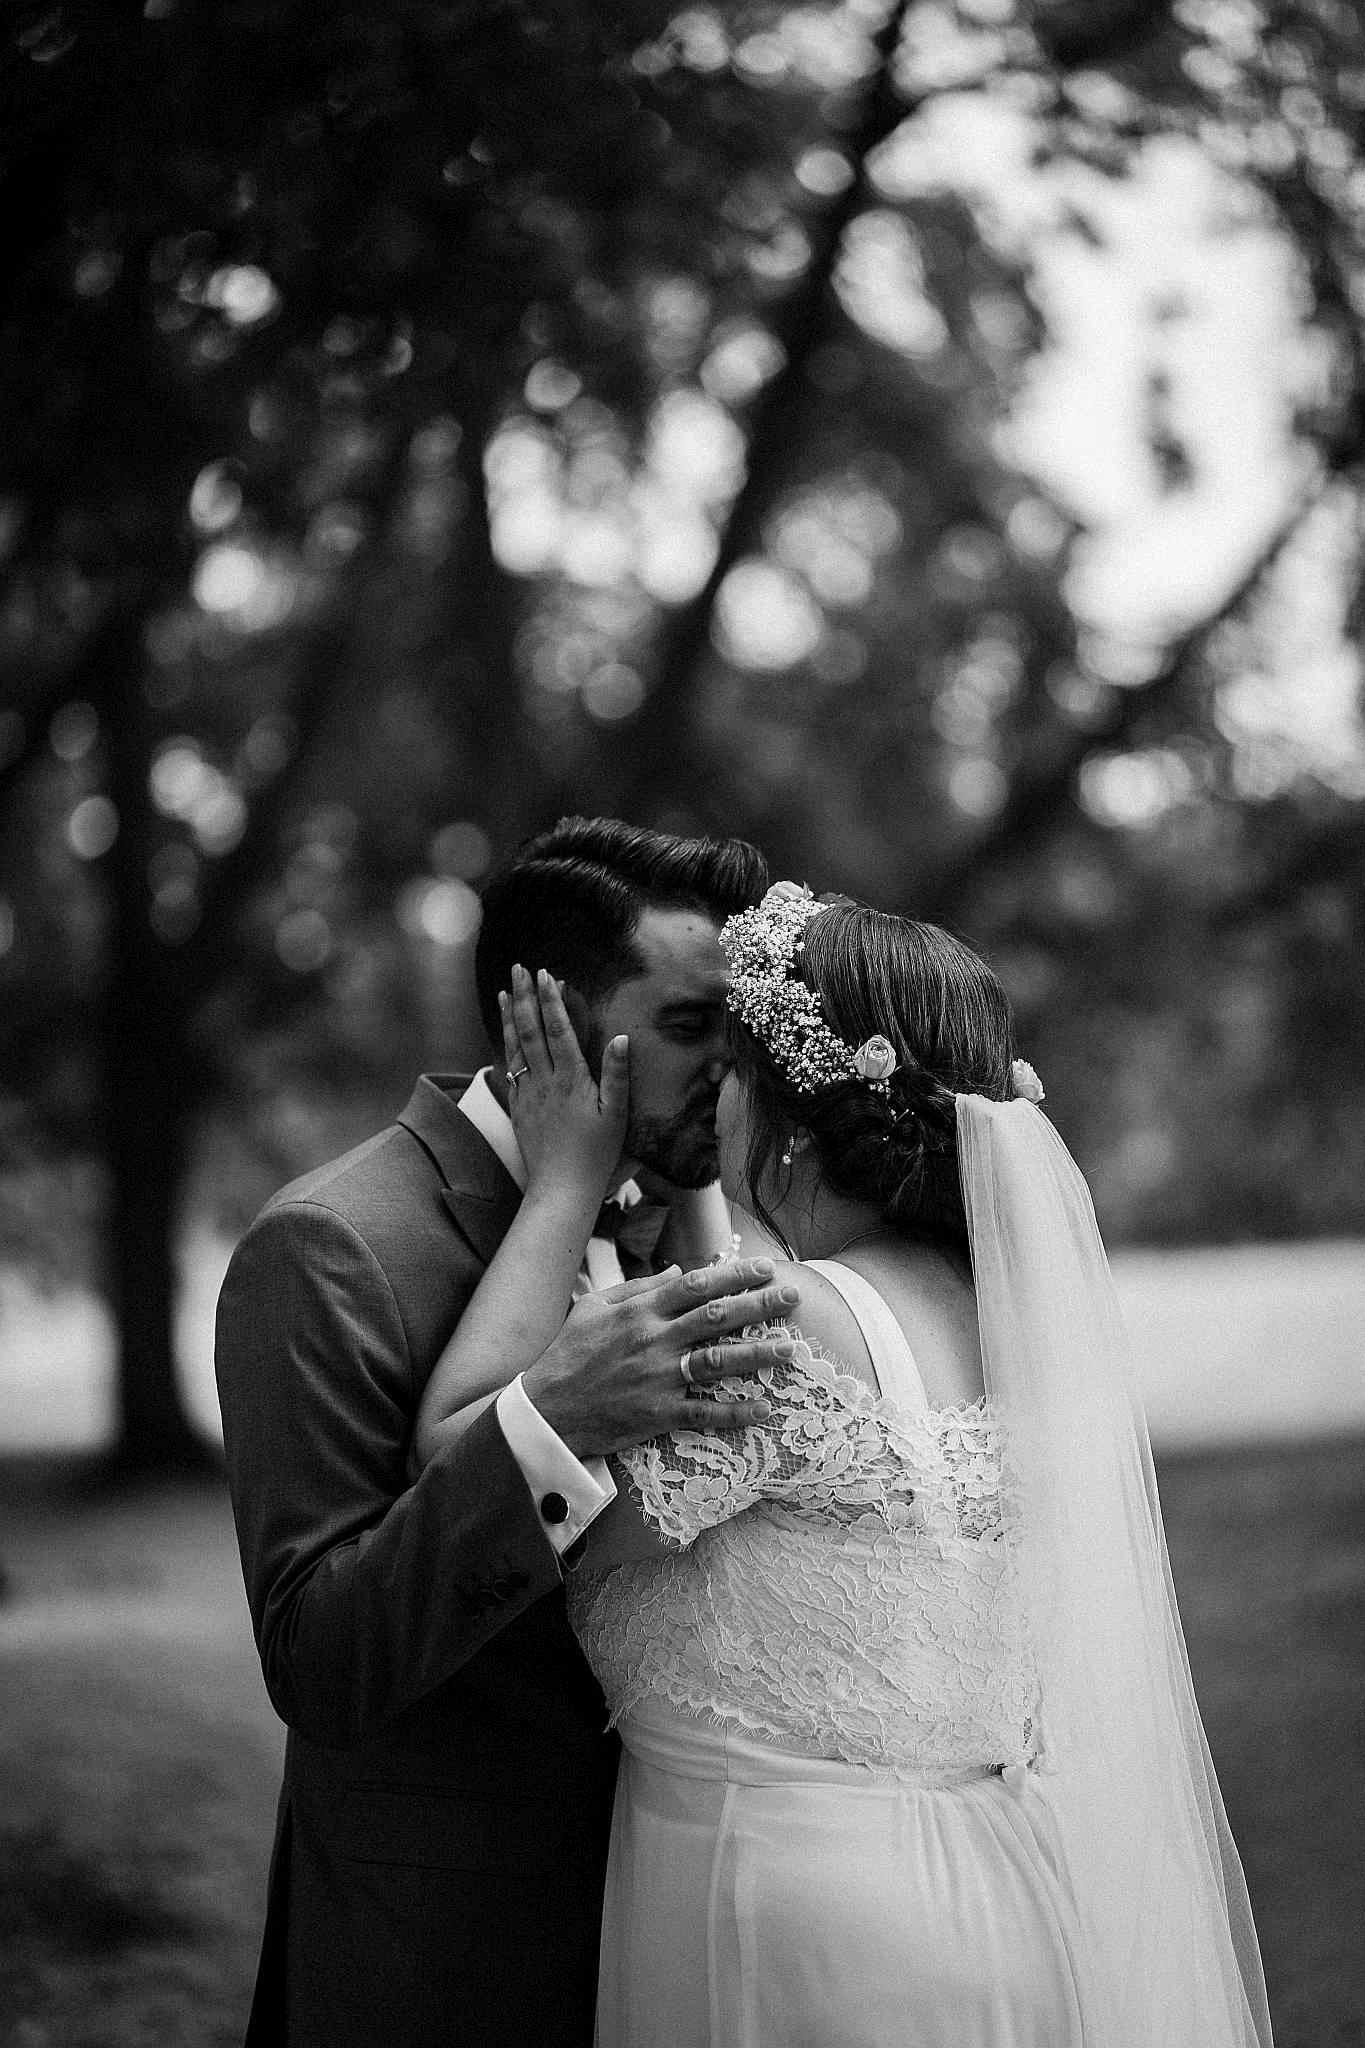 Brautpaarshooting nach der freien Trauung in Worms